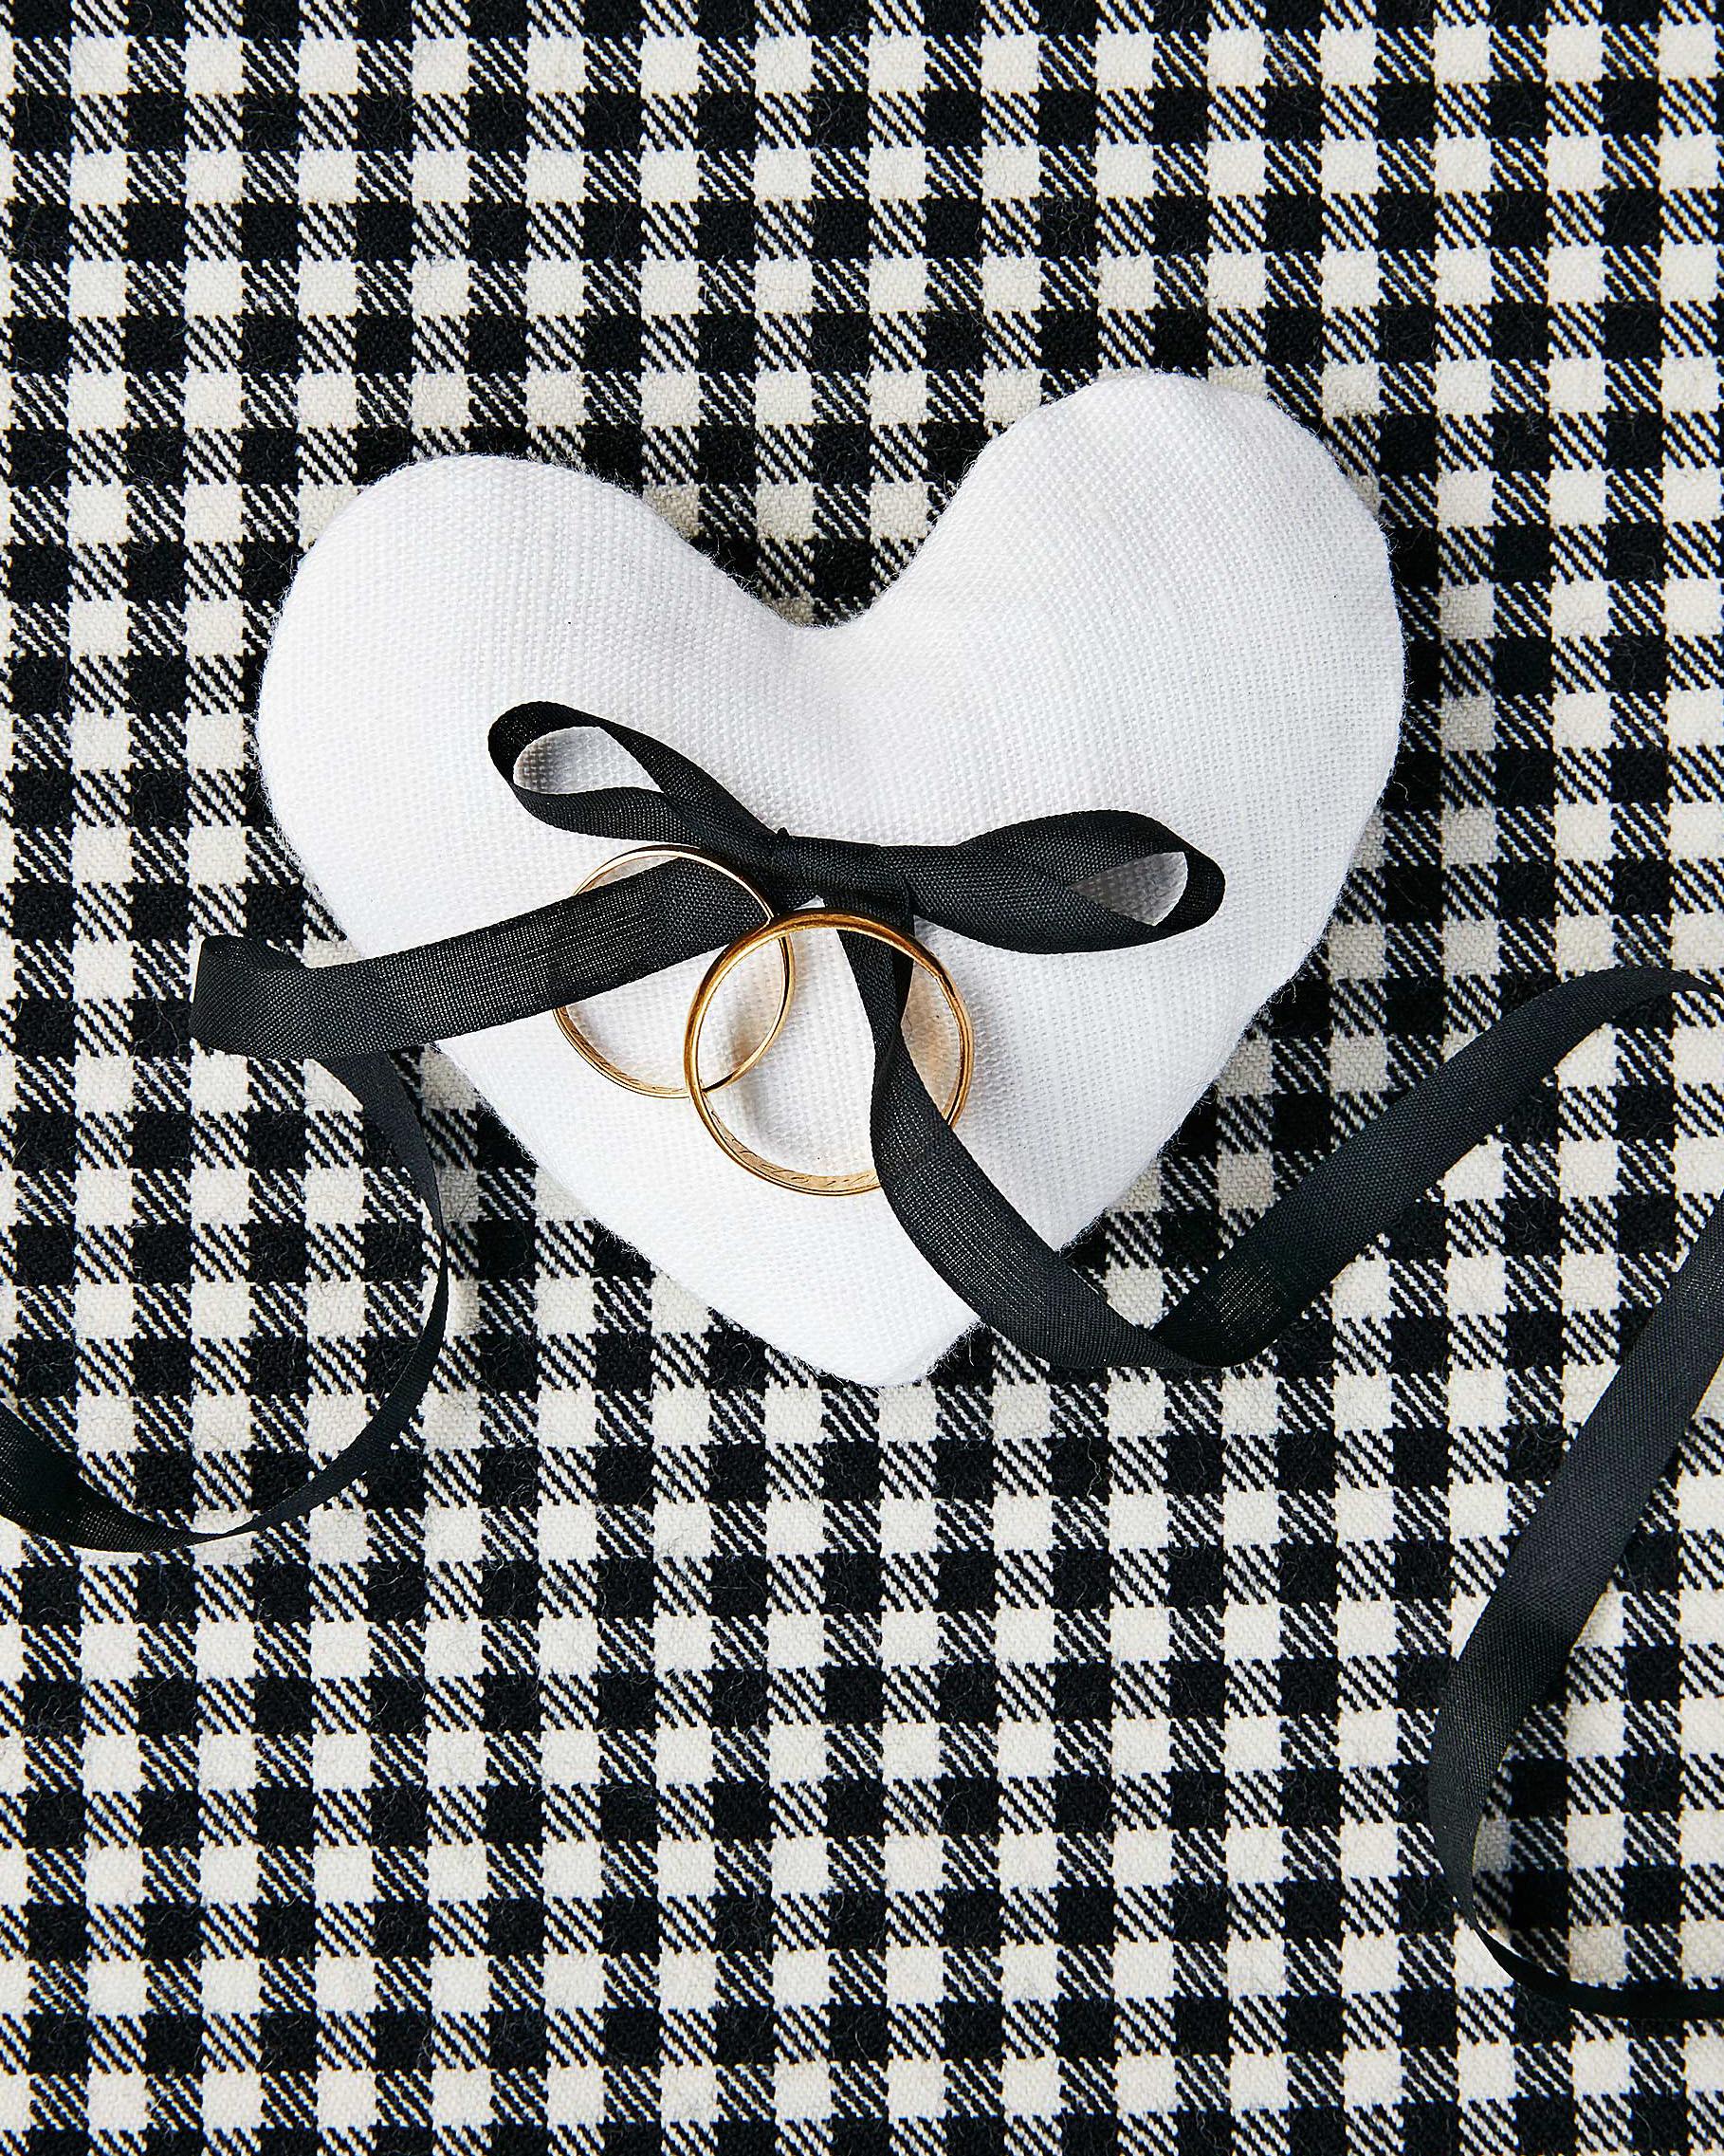 avril quy wedding new york rings heart black white bow